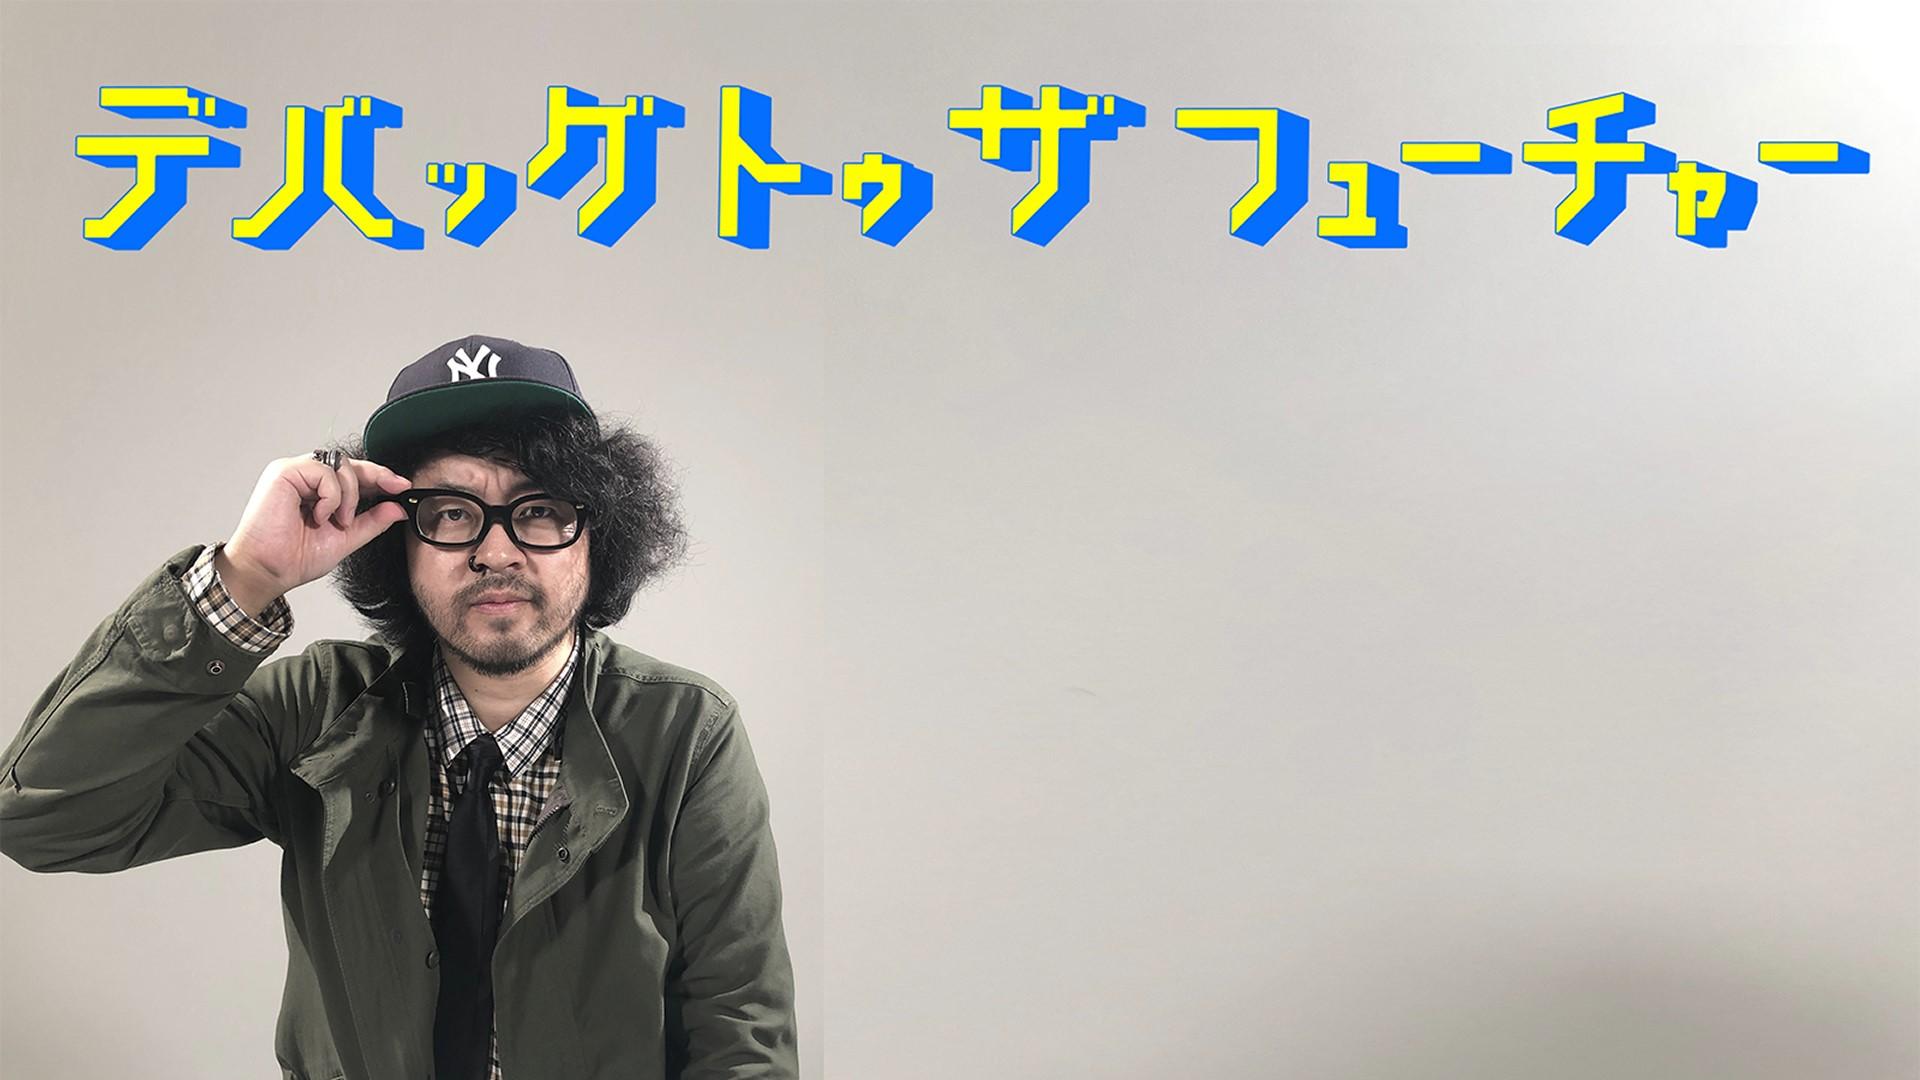 1月12日(土)22:00 O.A. <br>dTVチャンネル「デバッグ・トゥ・ザ・フューチャー」初回スタート!